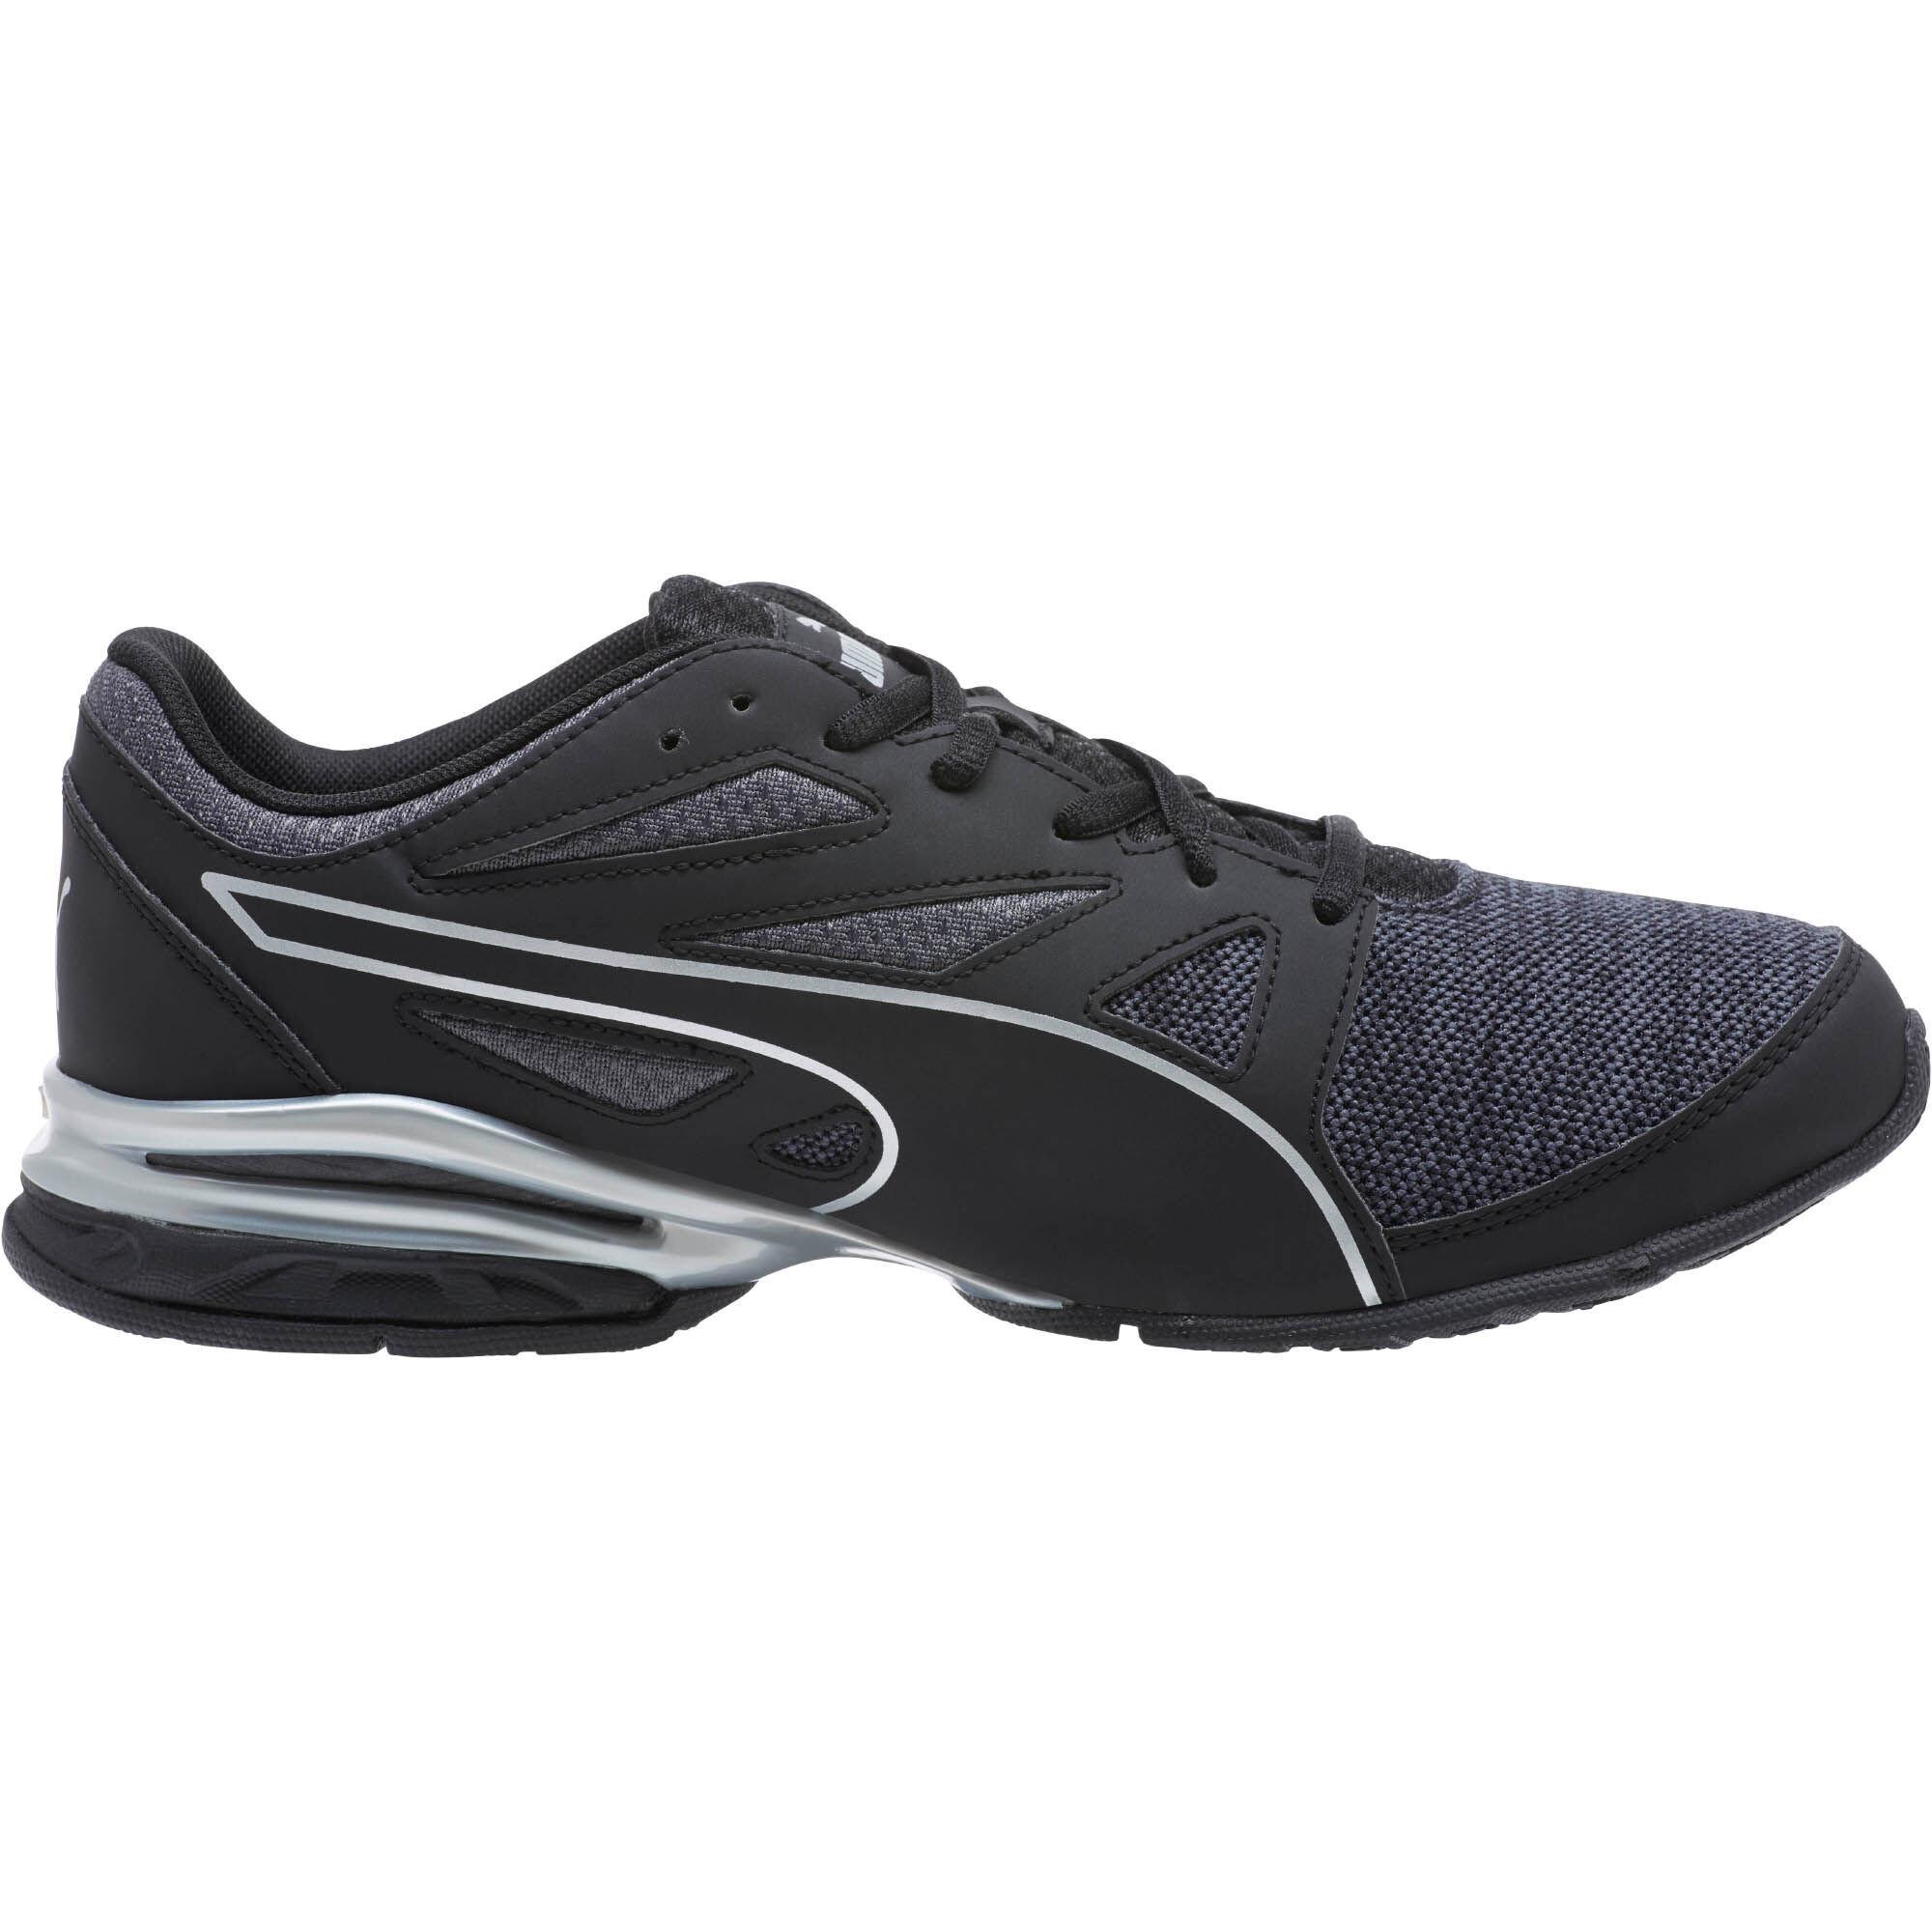 eb475074b8b99 Tazon Modern Knitted Men's Running Shoes | 10 - Black | Puma